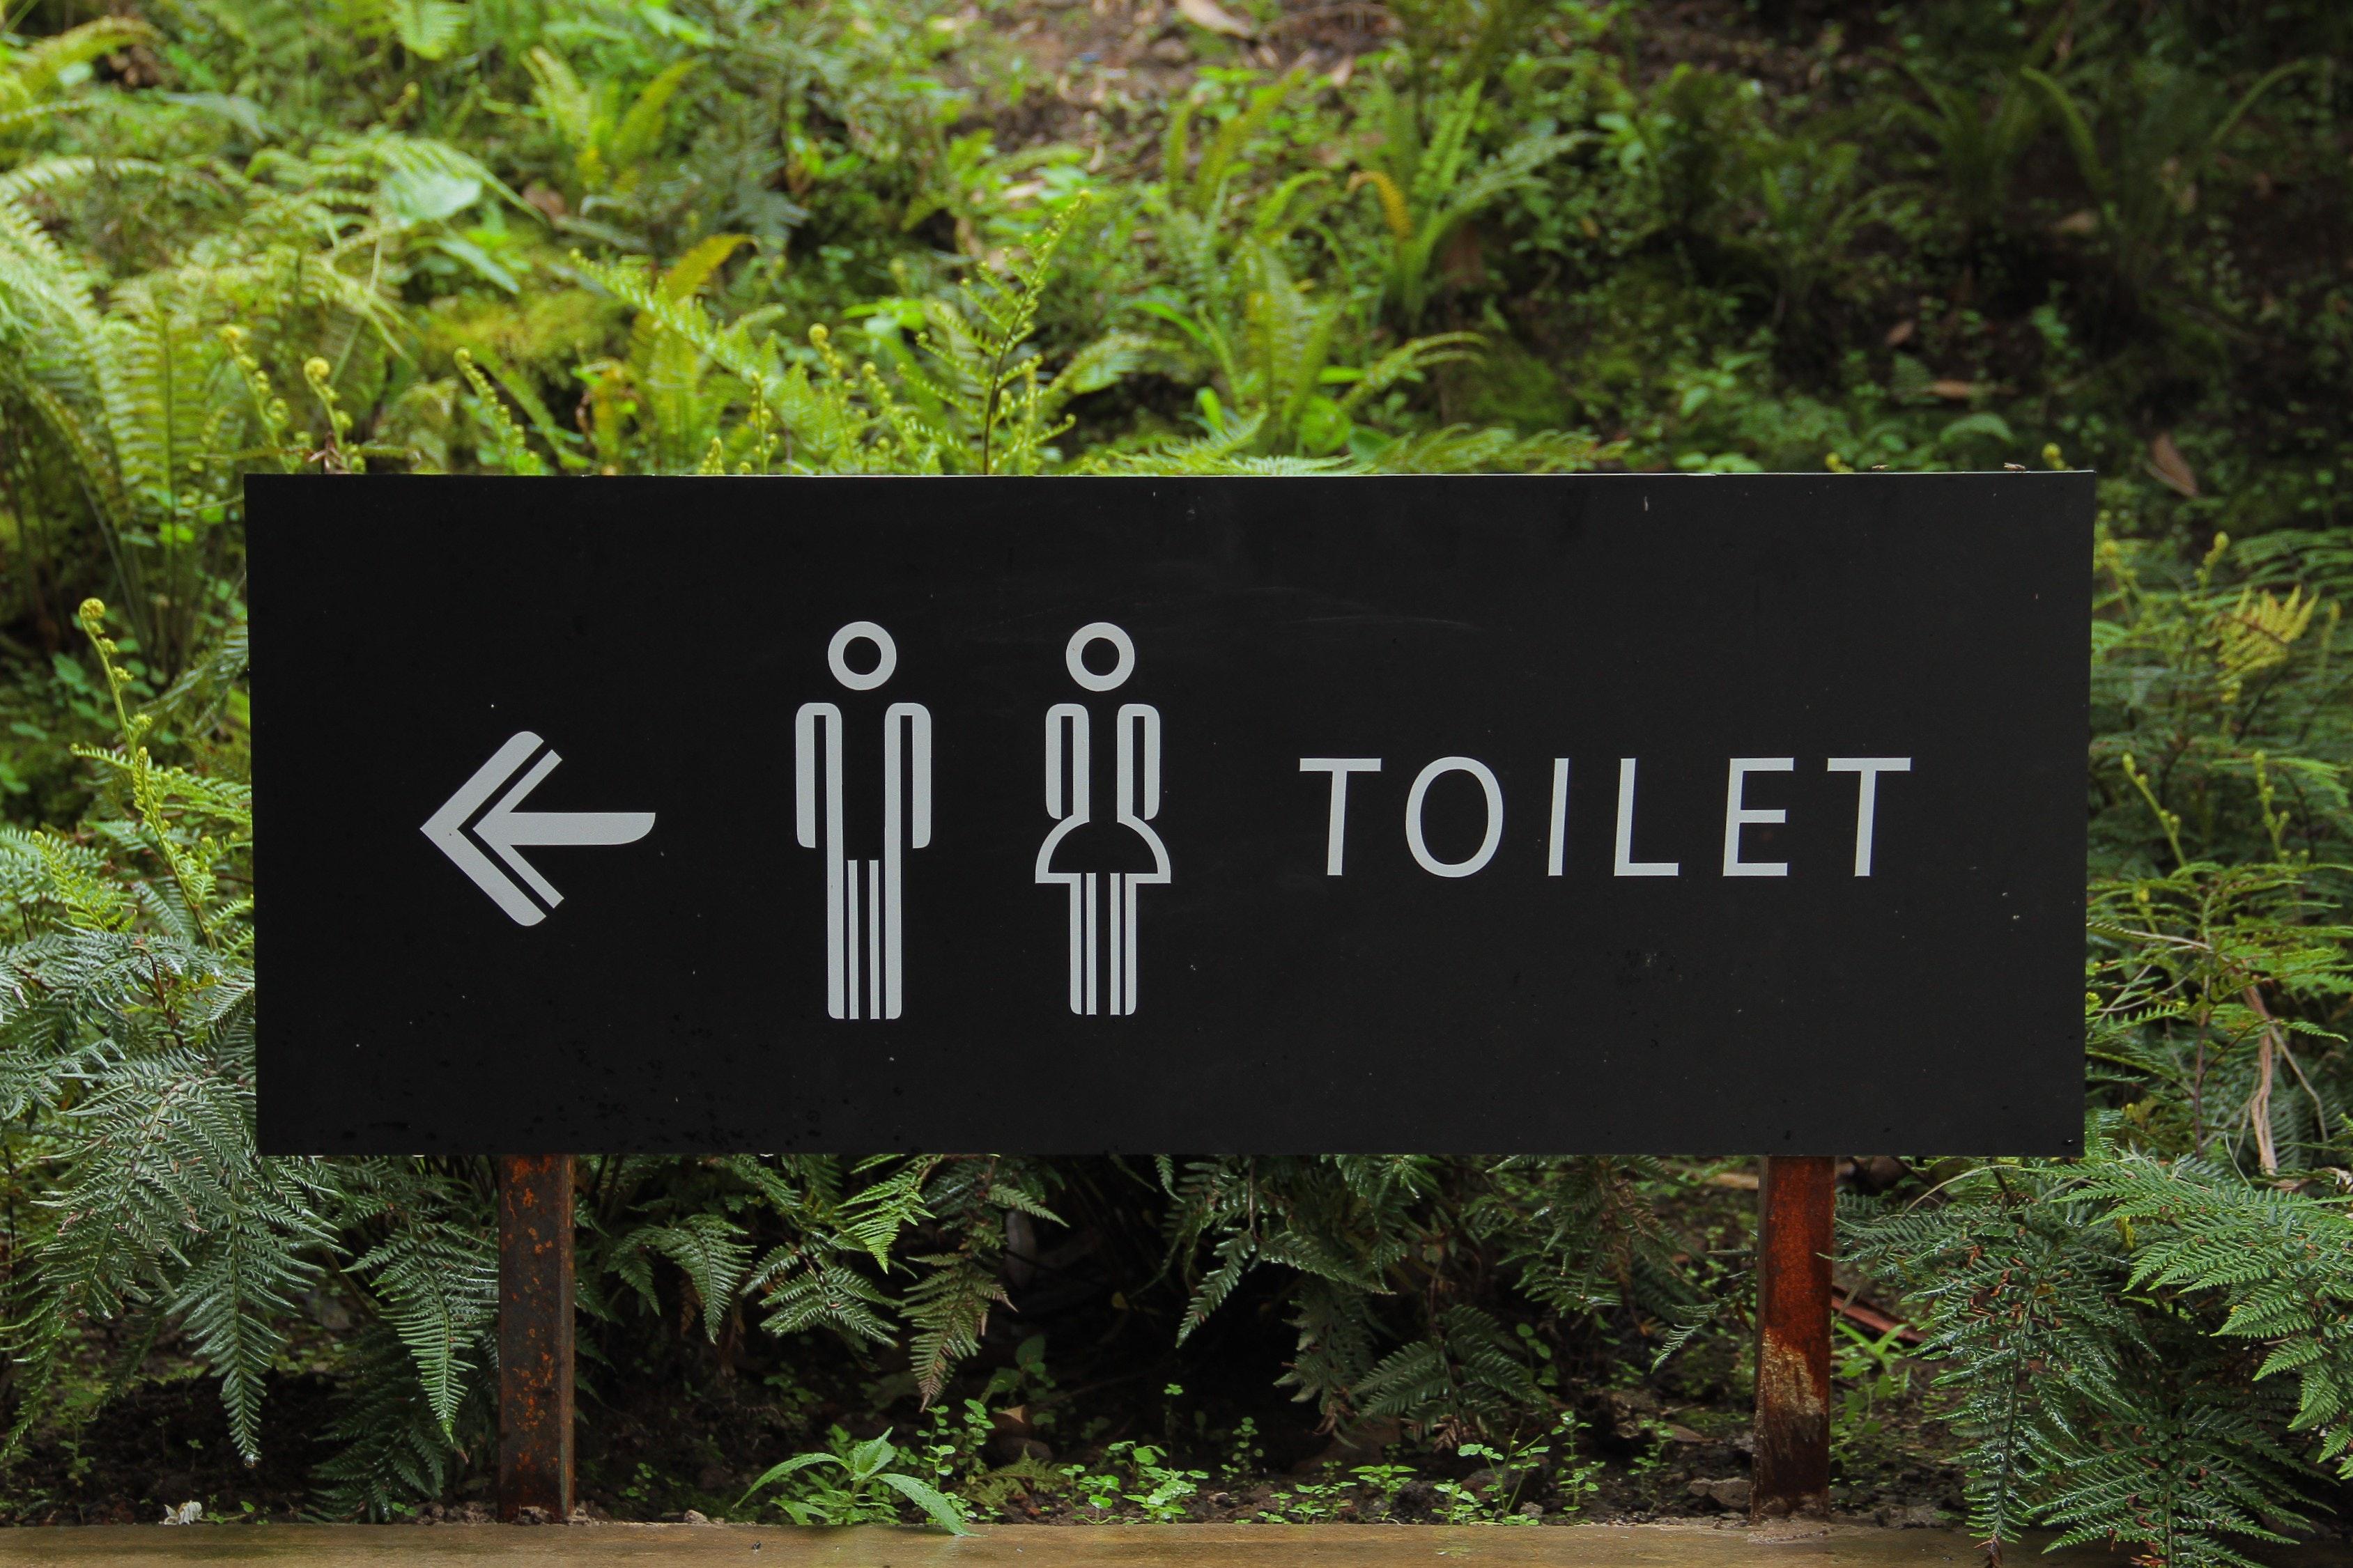 ベトナムのトイレで紙を流すのはNG!? トイレシャワーの使い方やチップの有無も紹介